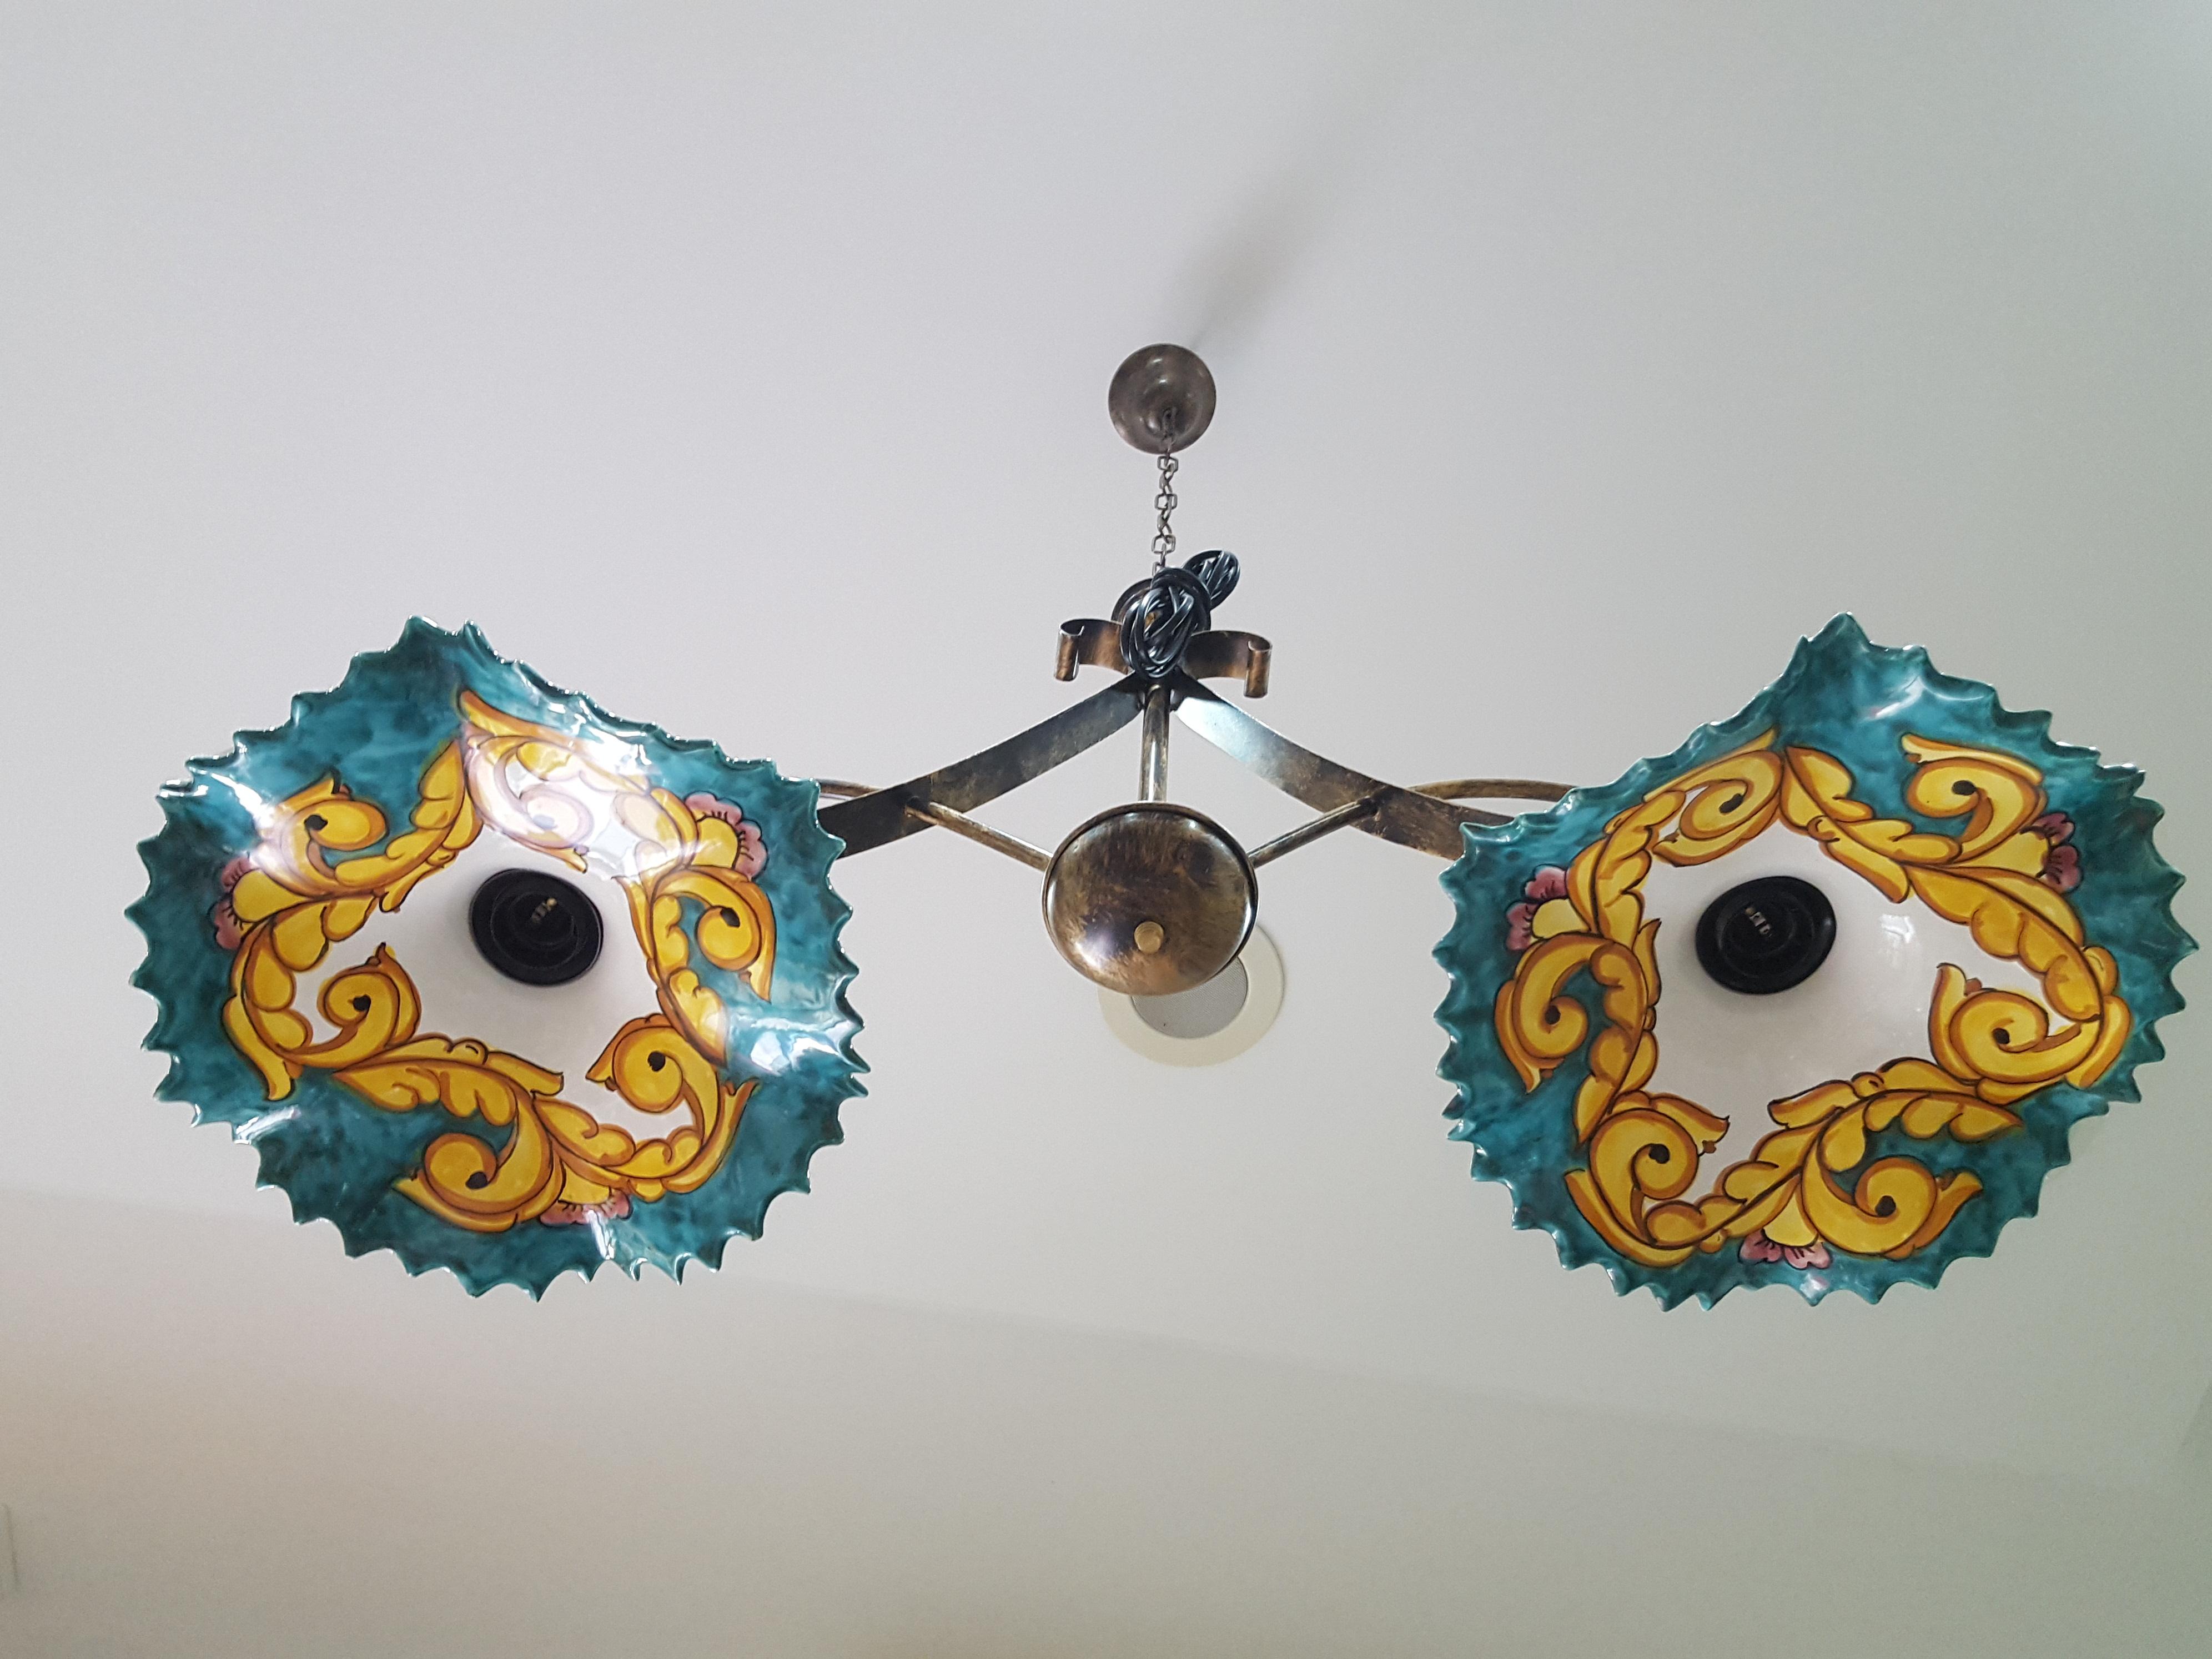 Lampadario Ceramica Di Vietri.Lampadario Arte In Ceramica Vietrese